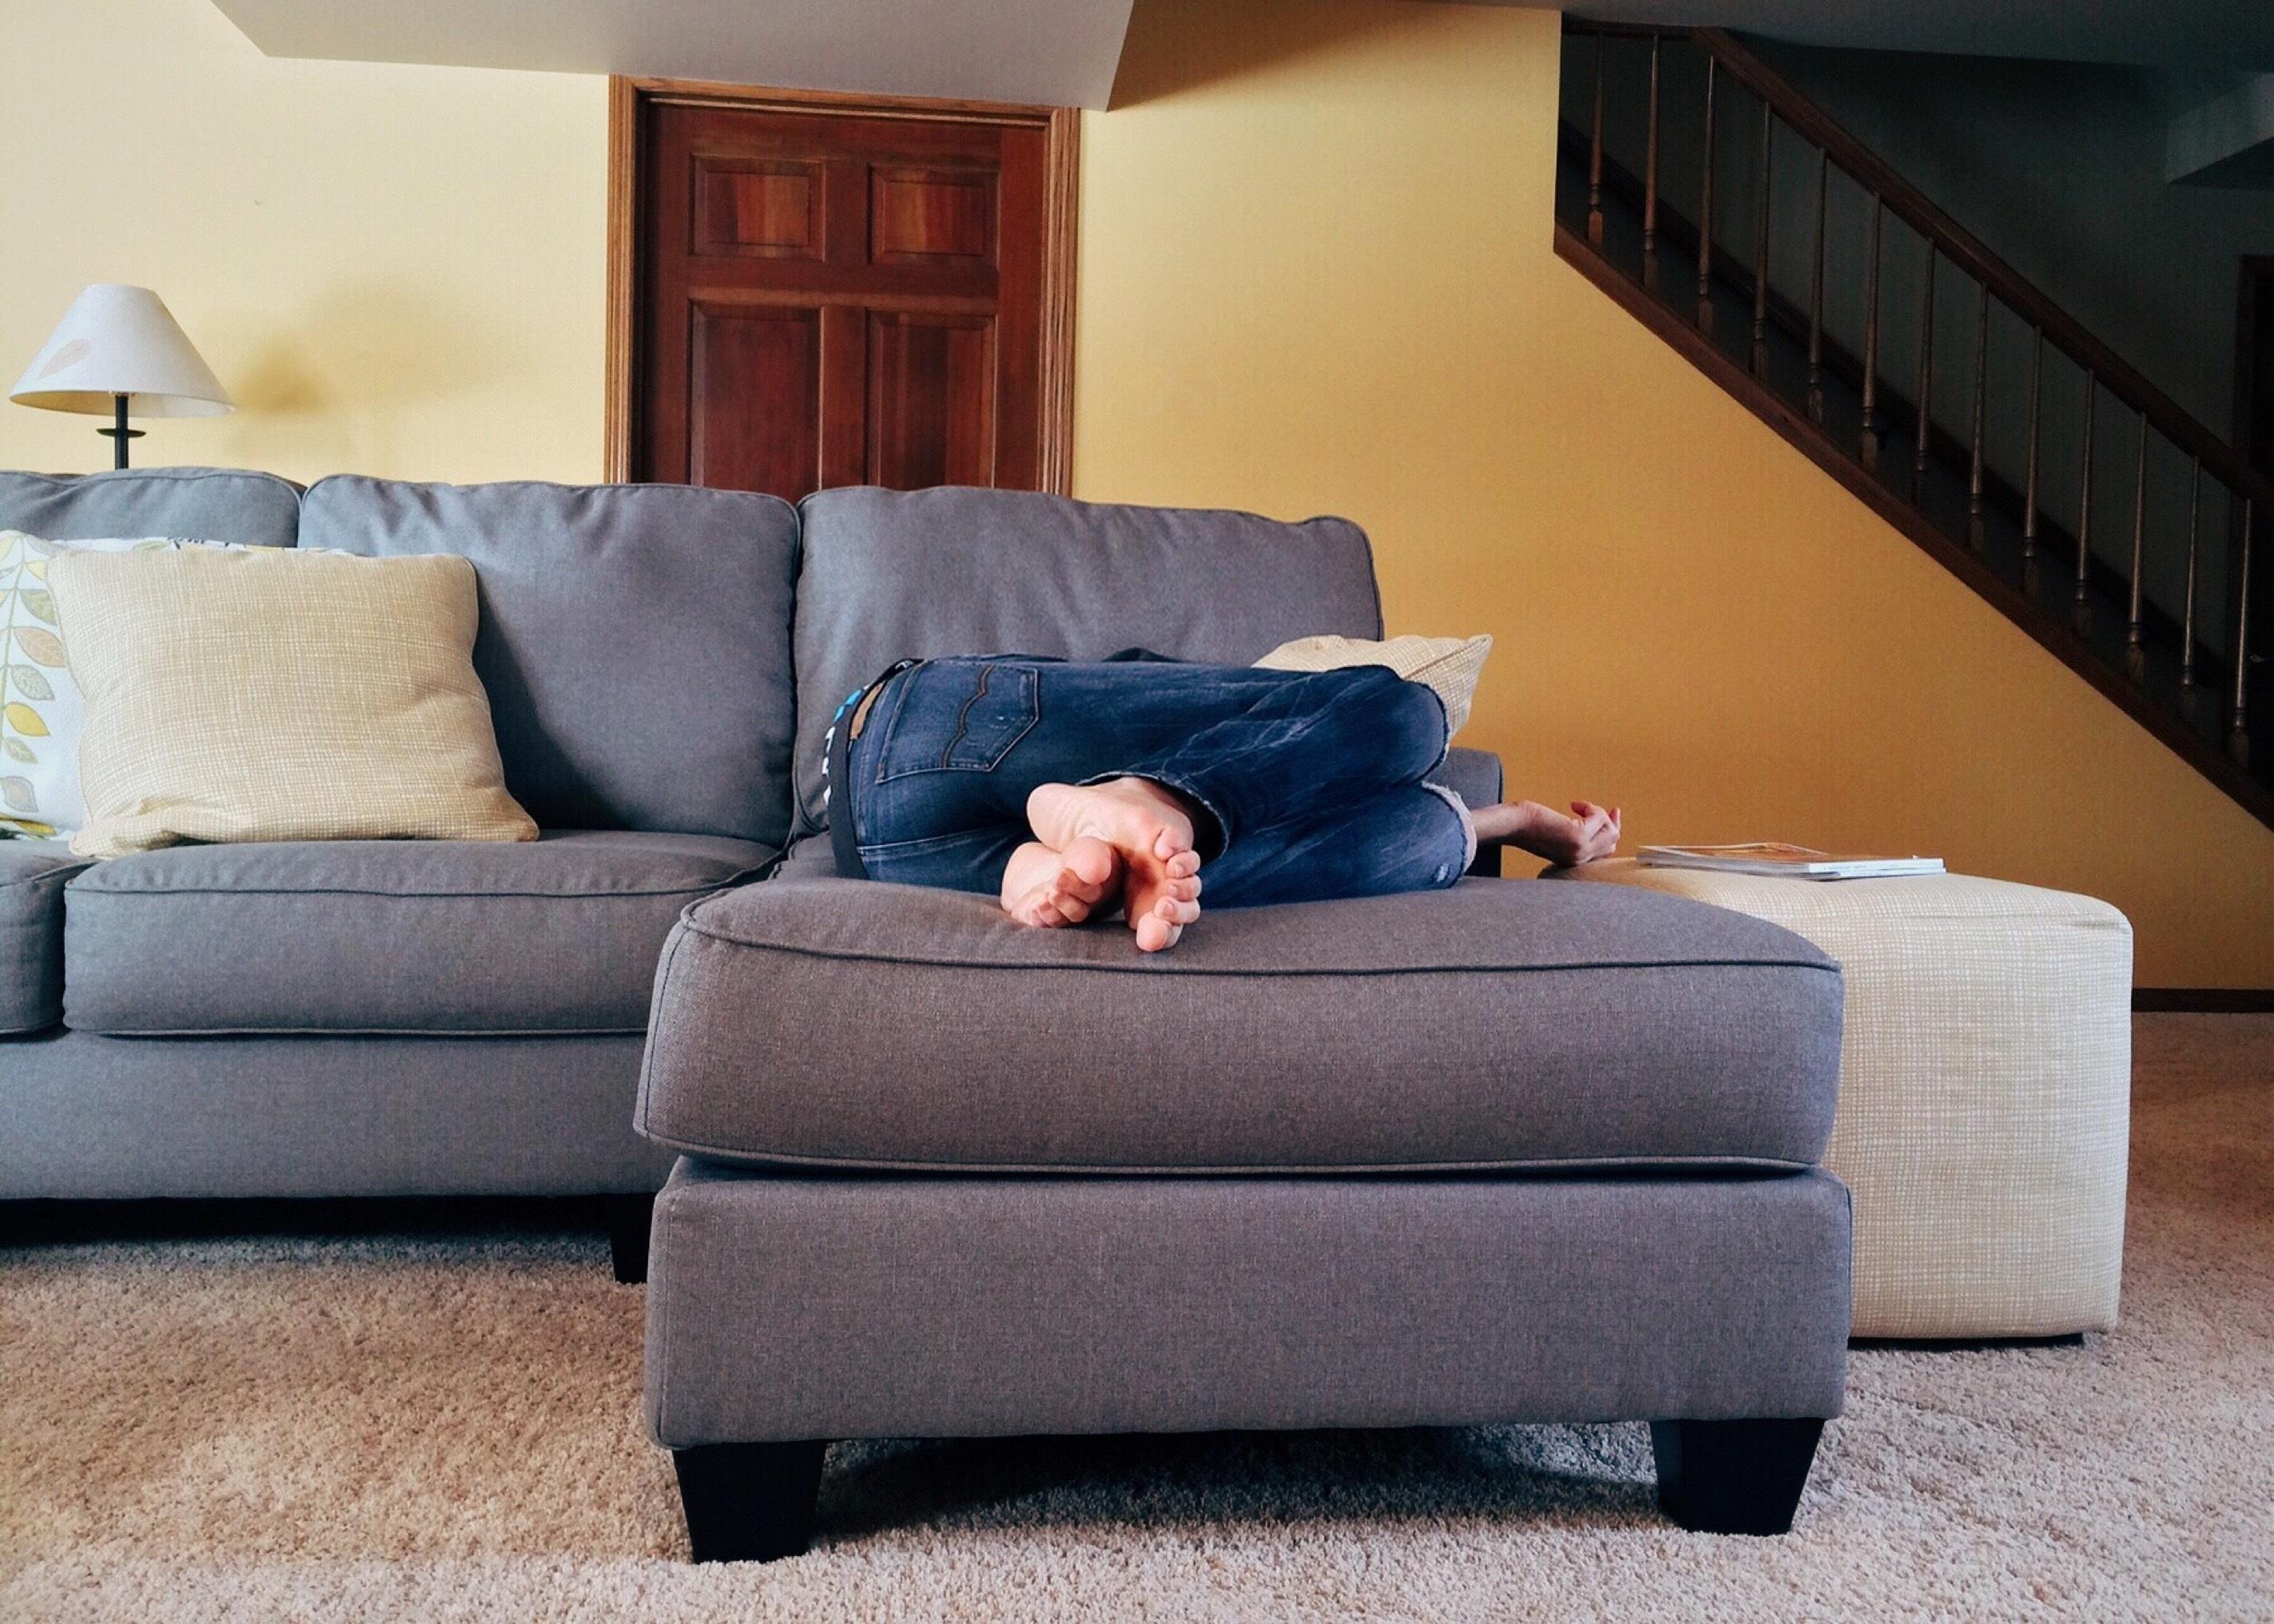 Fotos gratis : persona, piso, casa, sala, mueble, habitación, estilo ...